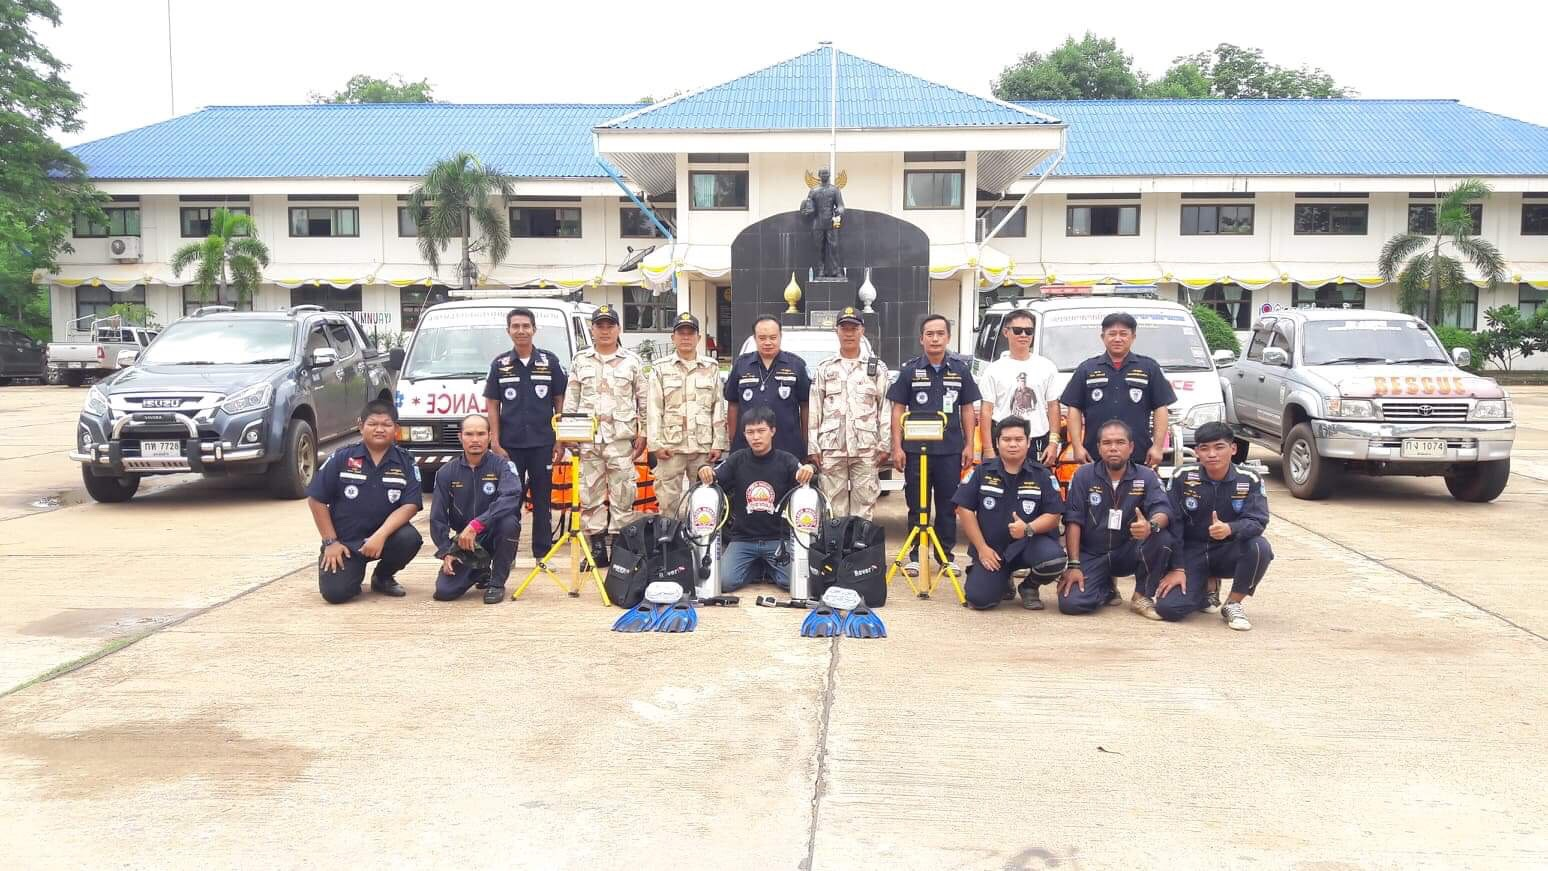 บริษัท ไทยเทพรส จำกัด (มหาชน) มอบเรือกู้ภัยทางน้ำ พร้อมอุปกรณ์ช่วยเหลือผู้ประสบภัย ให้กับ ชมรมอาสาสมัครกู้ภัยอากาศอำนวย